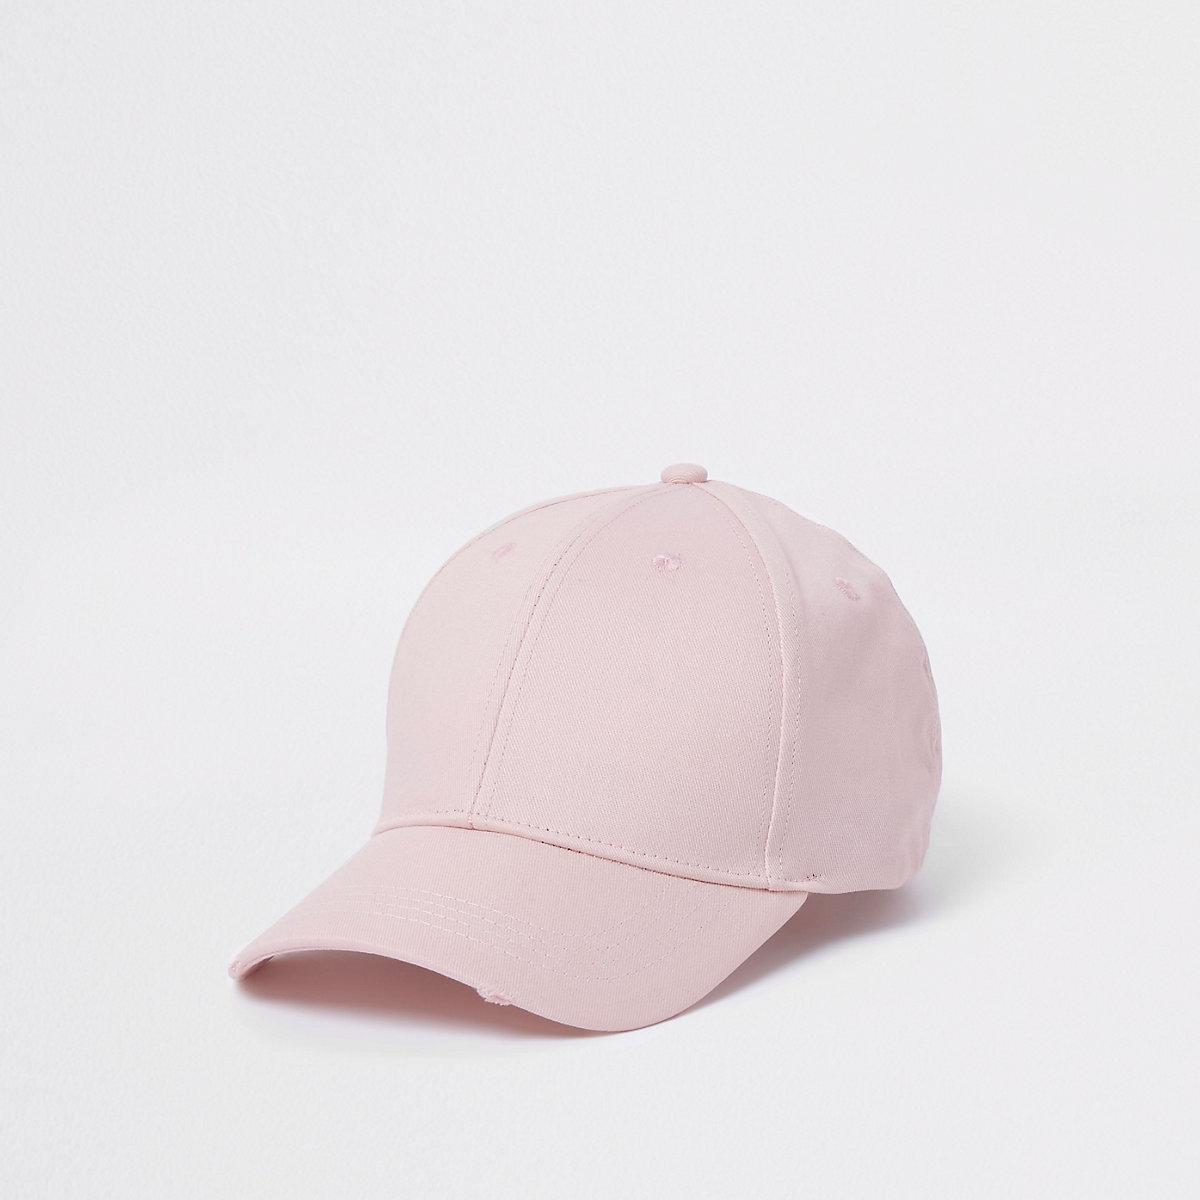 Light pink baseball cap